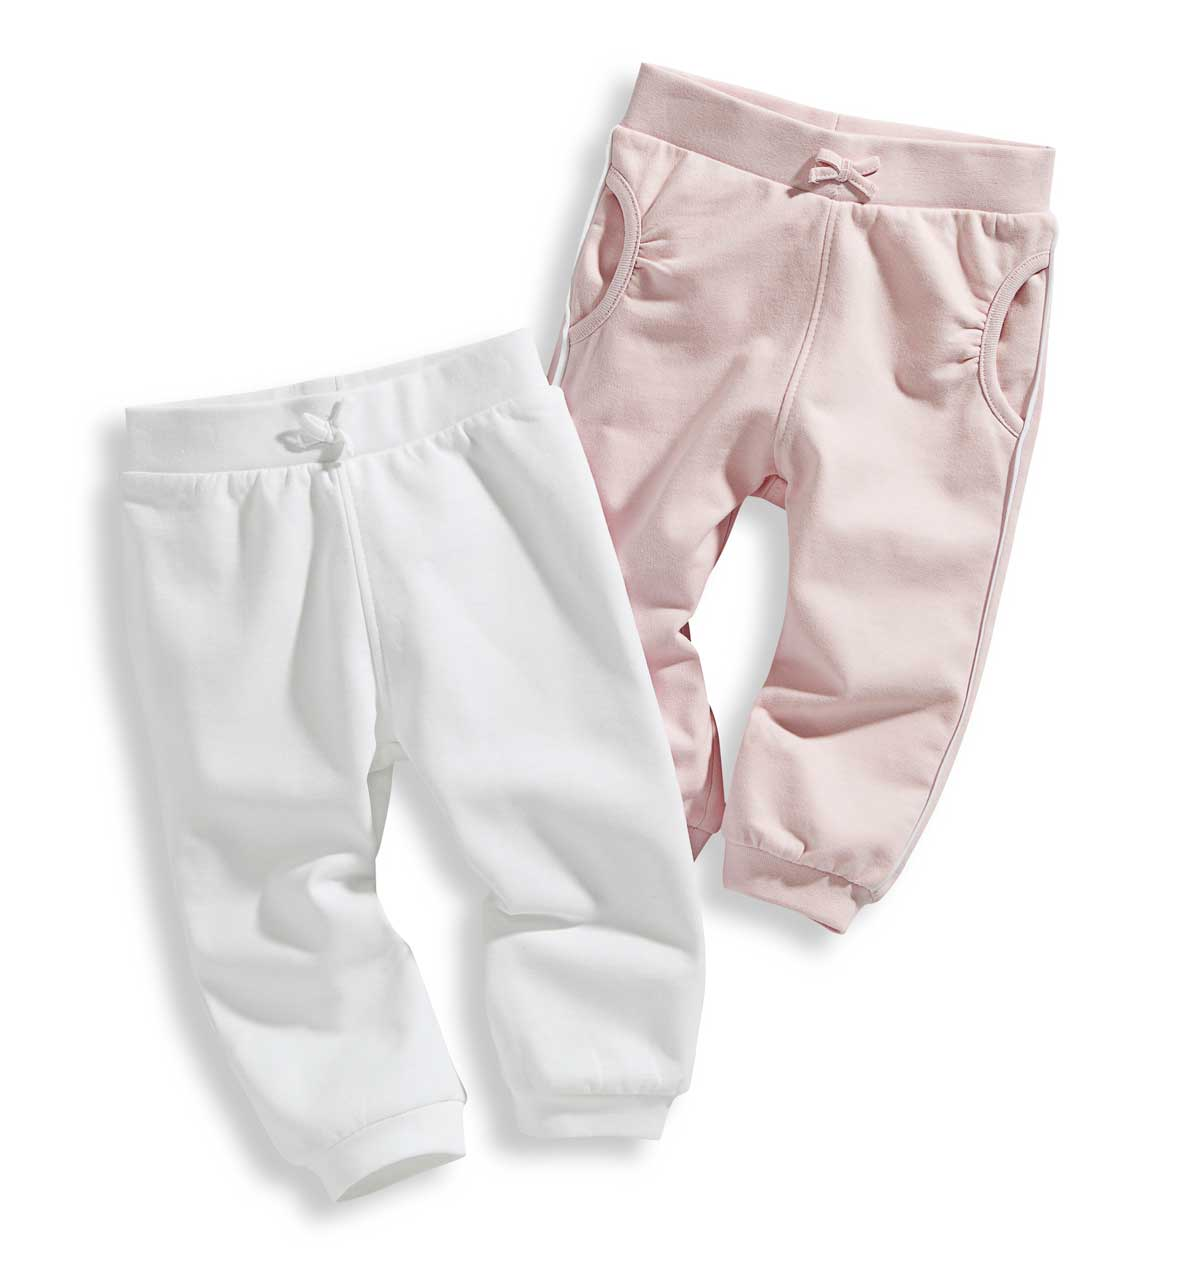 Pantalon survêtement bébé (lot de 2)